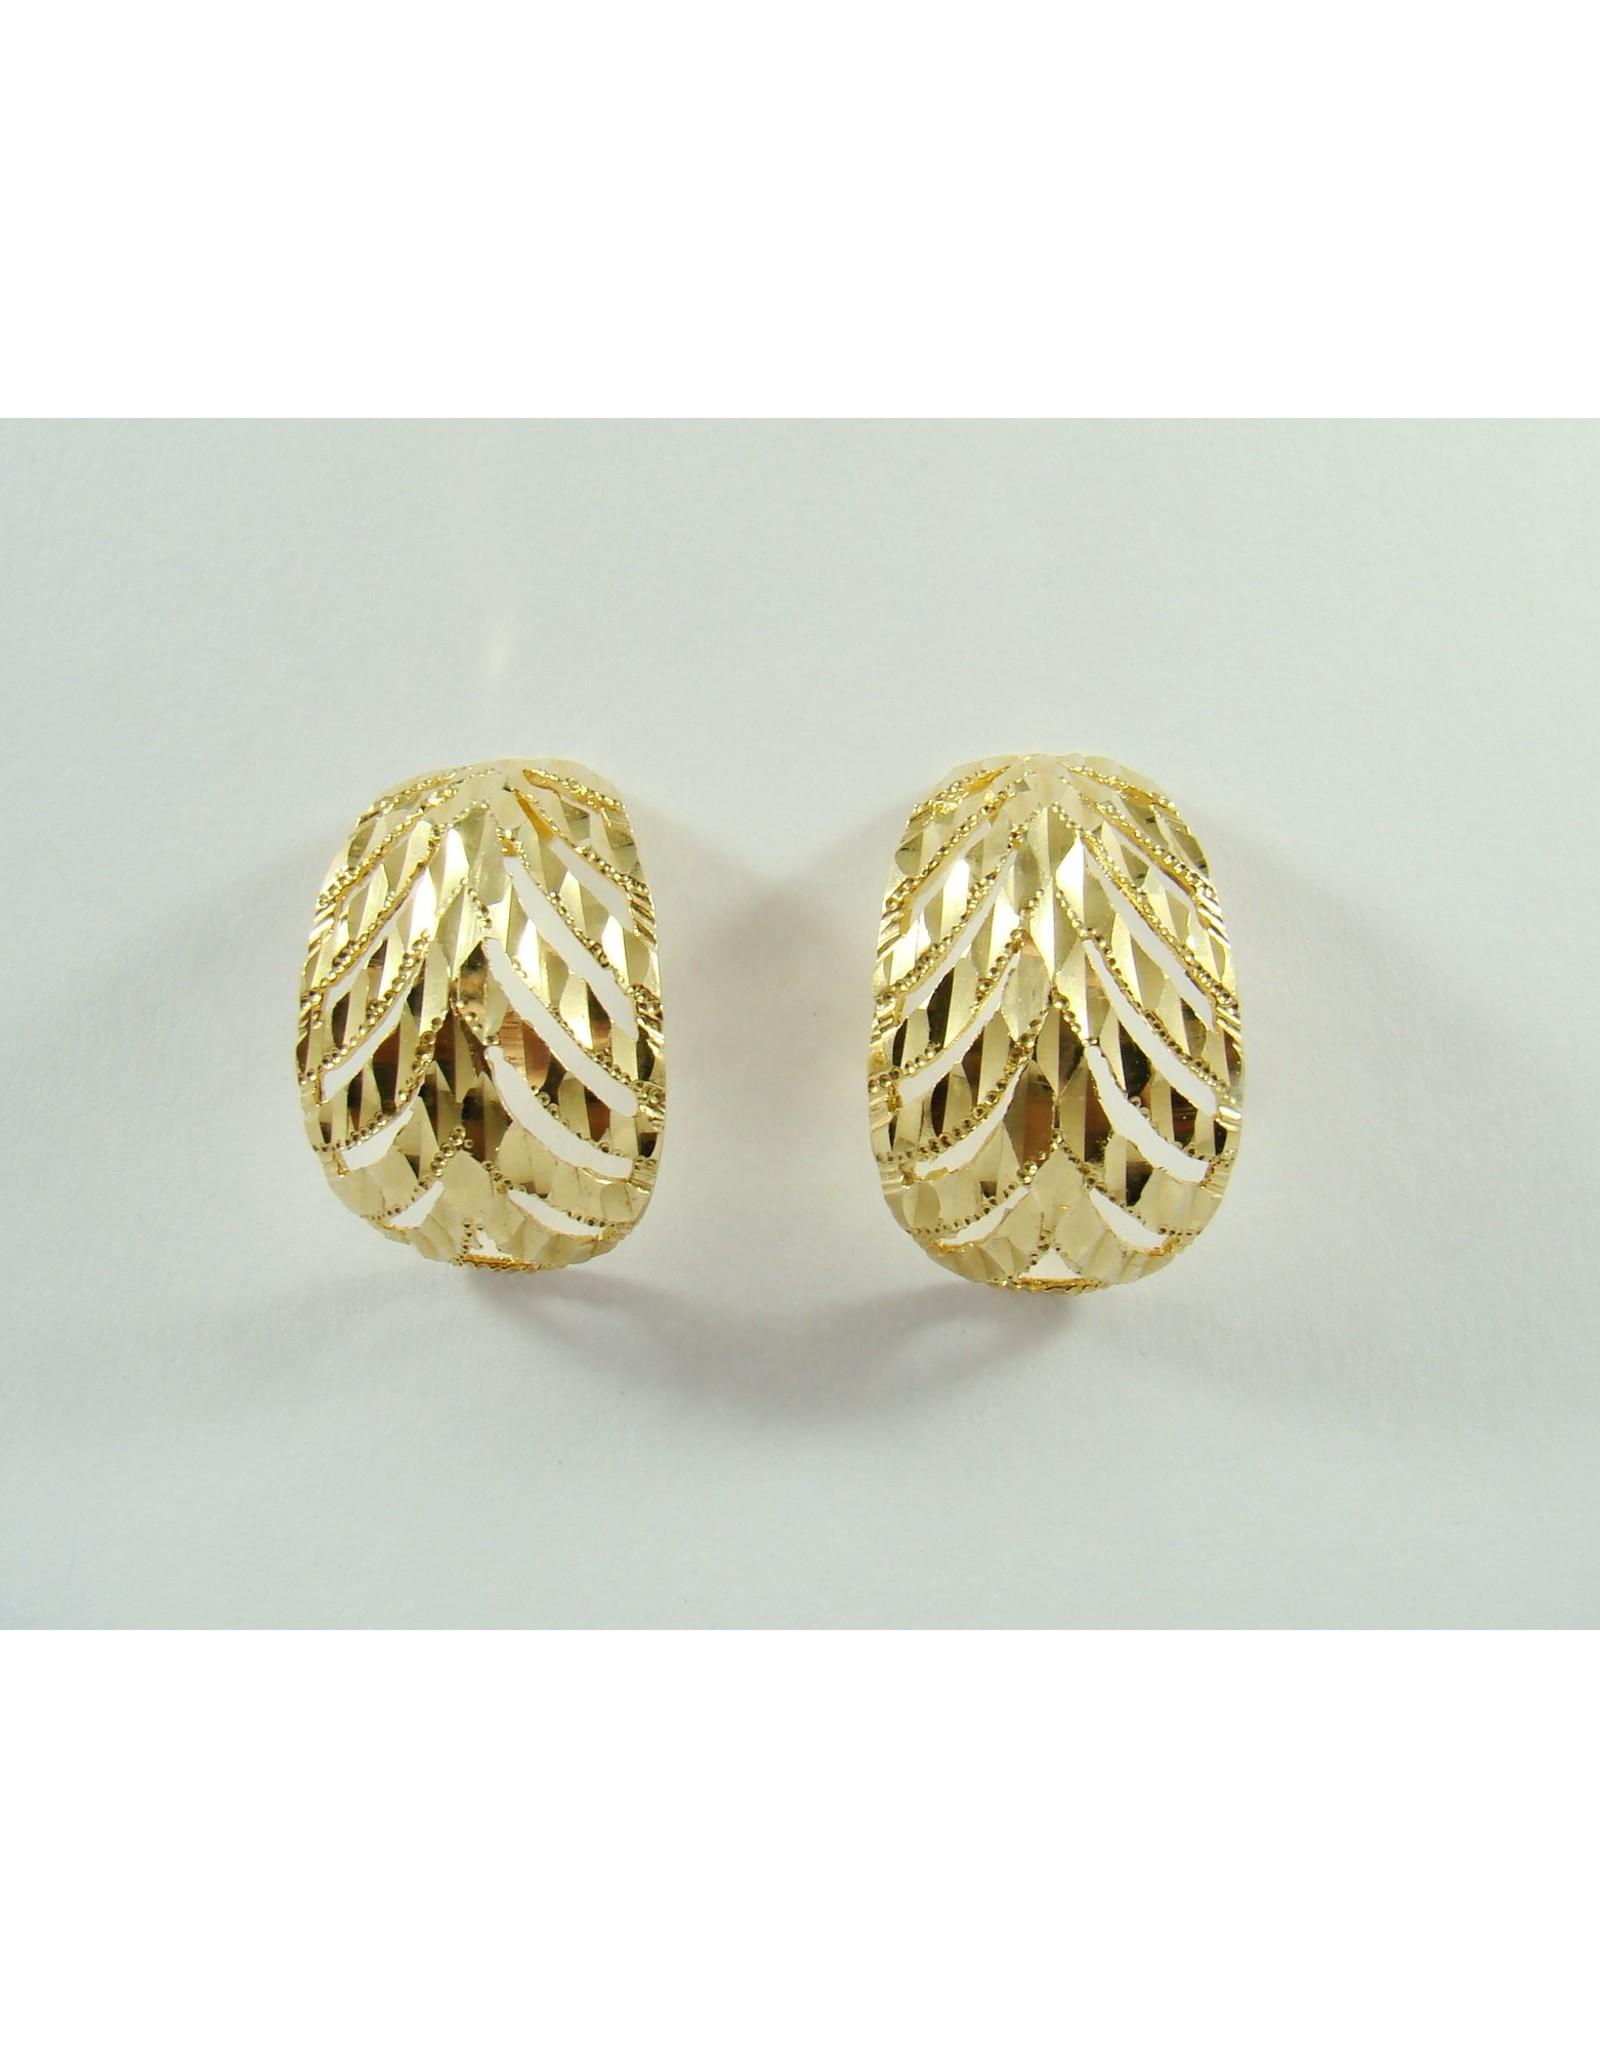 Fancy Leaf Earrings 14KY